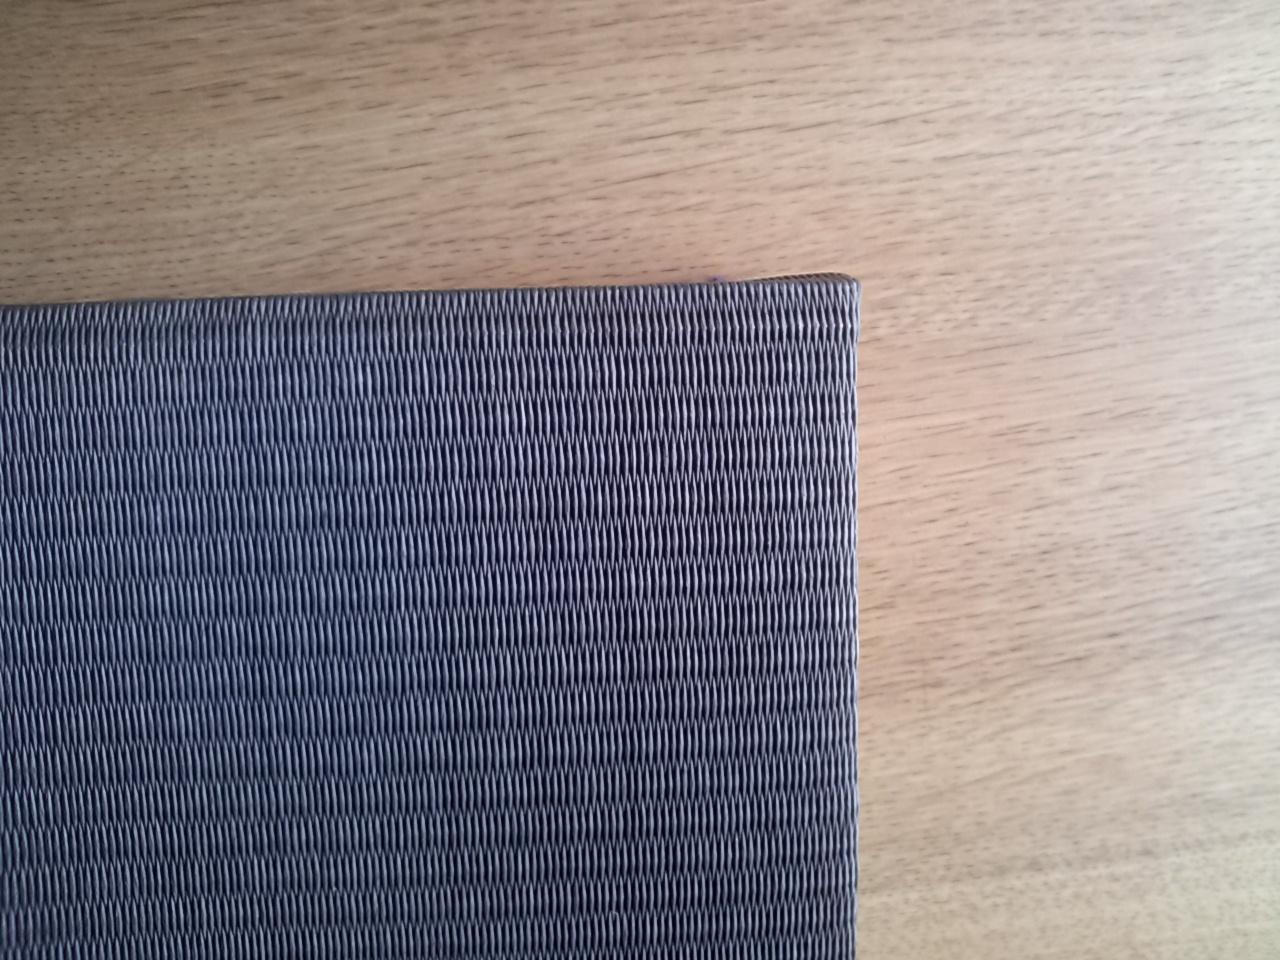 黒色の畳表